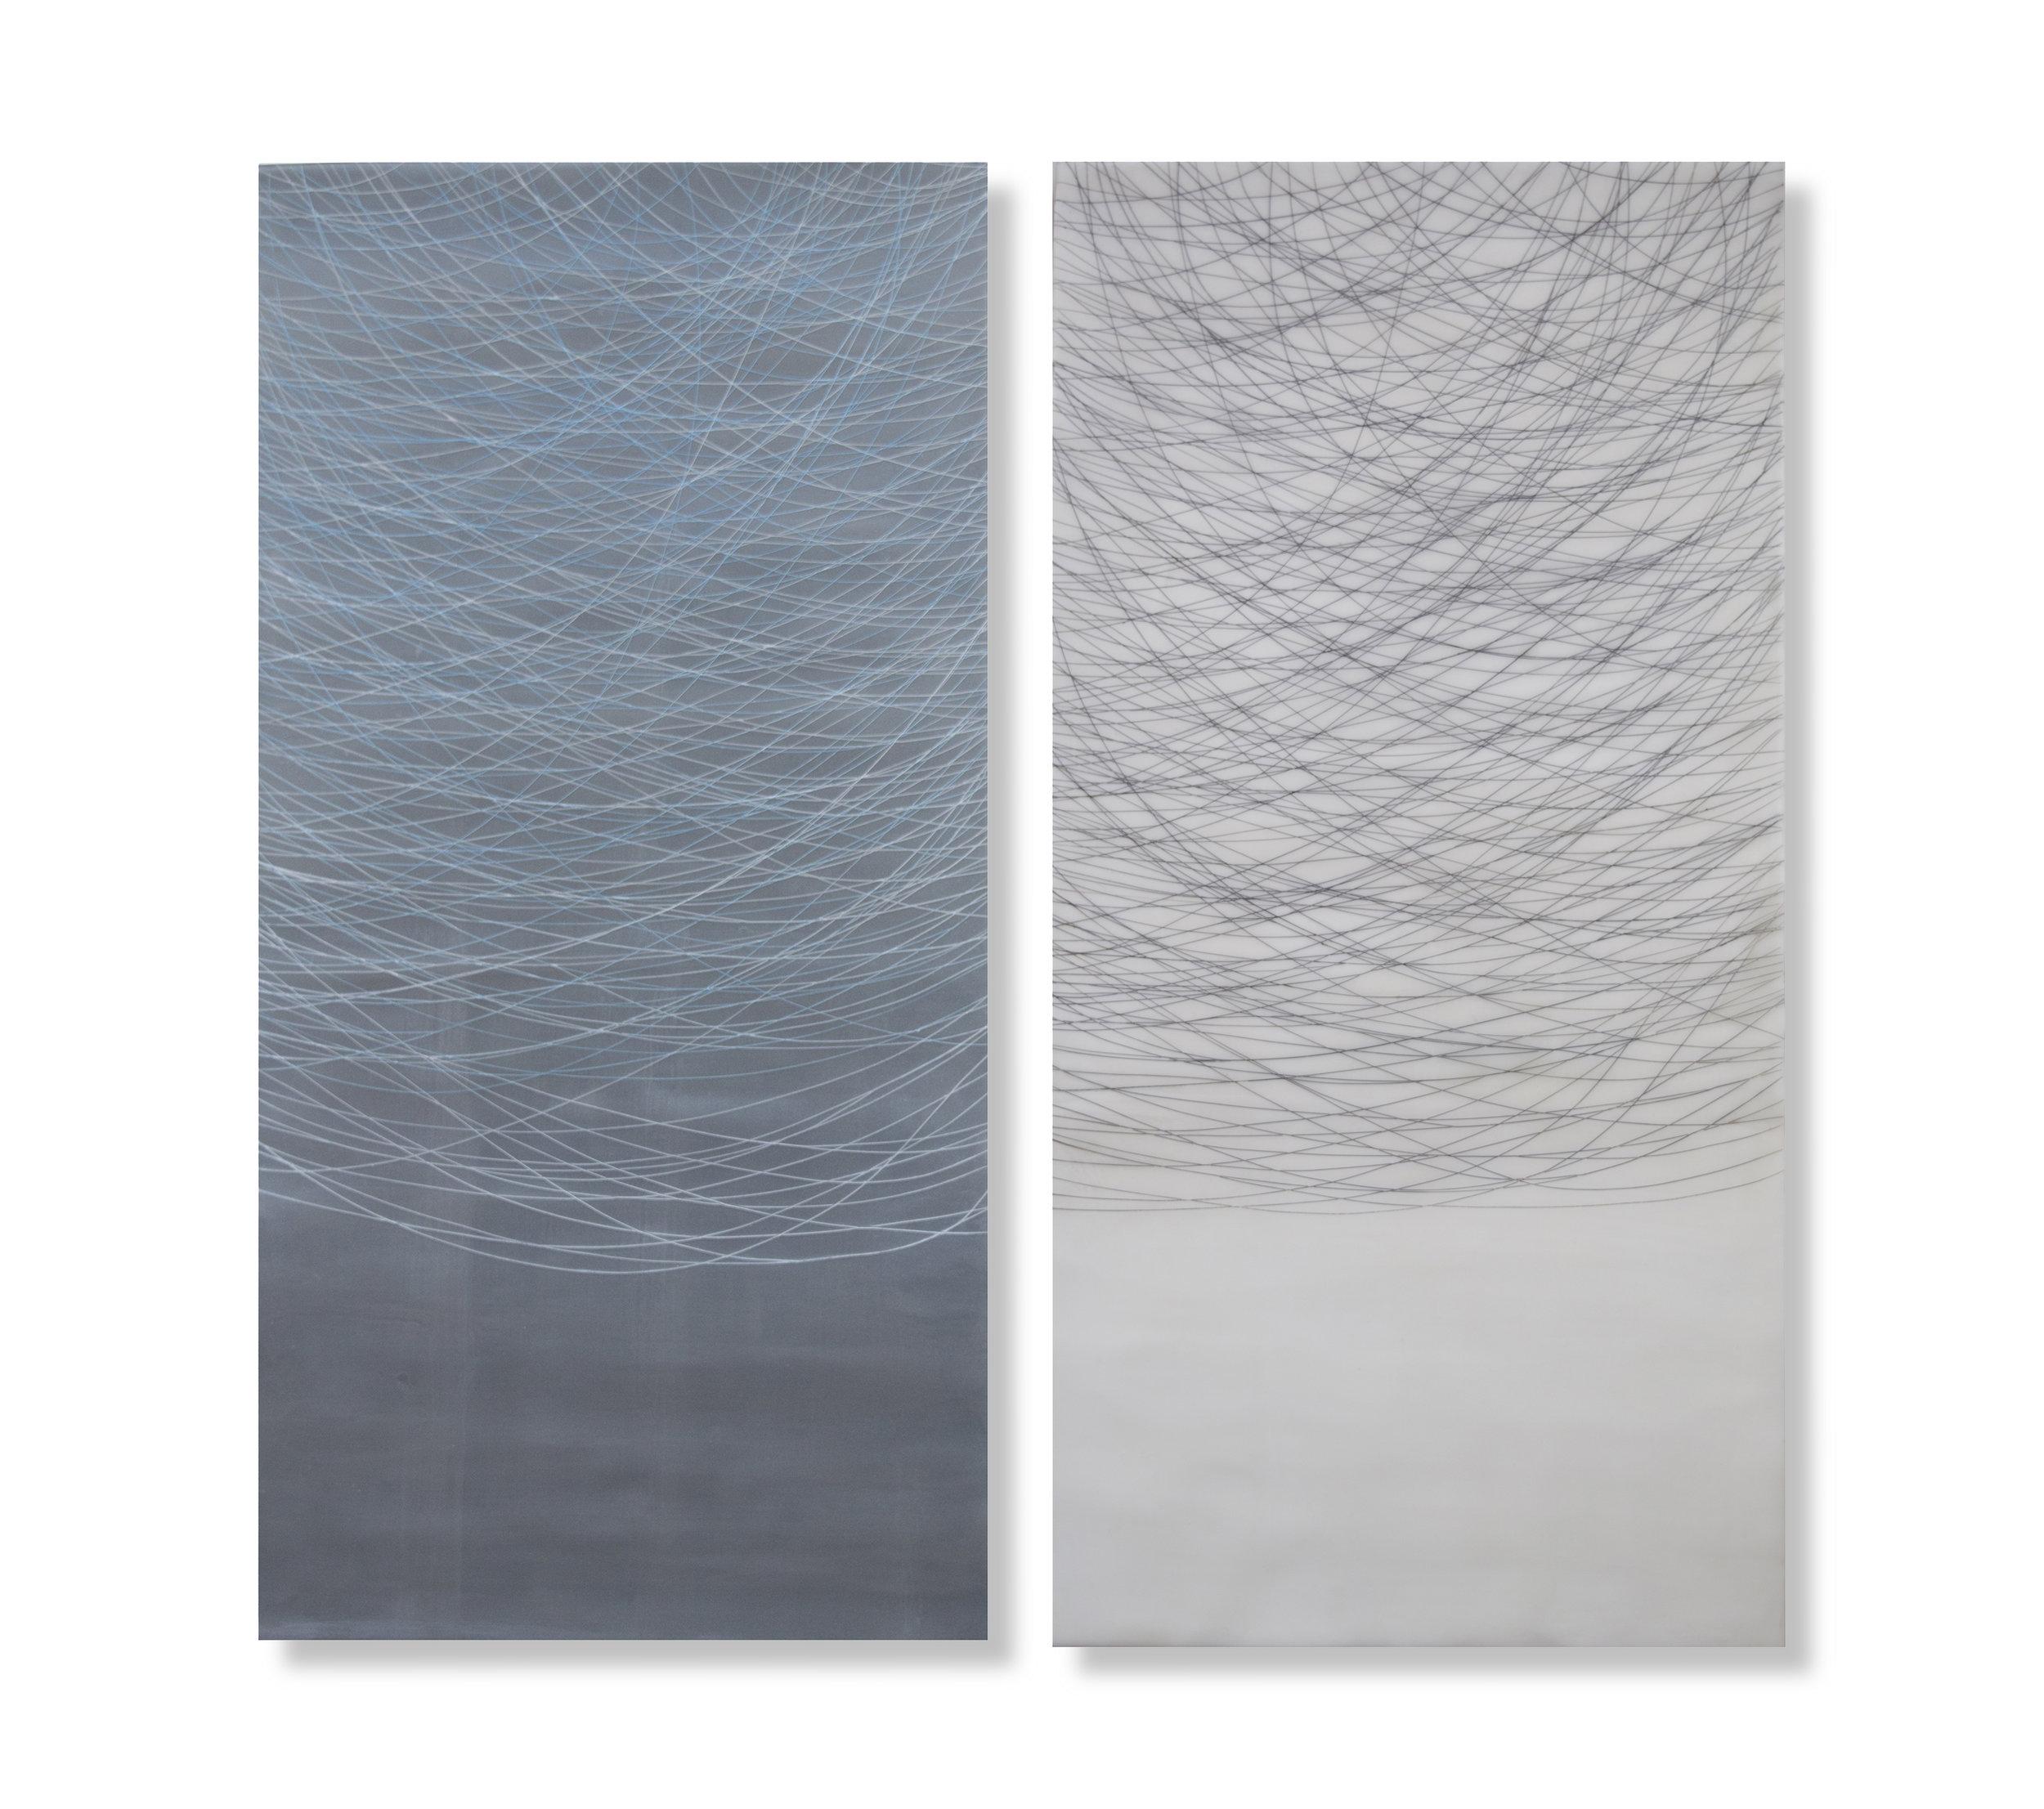 """Threads, 2016 Encaustic, Oil 36"""" x 24""""x 1"""""""